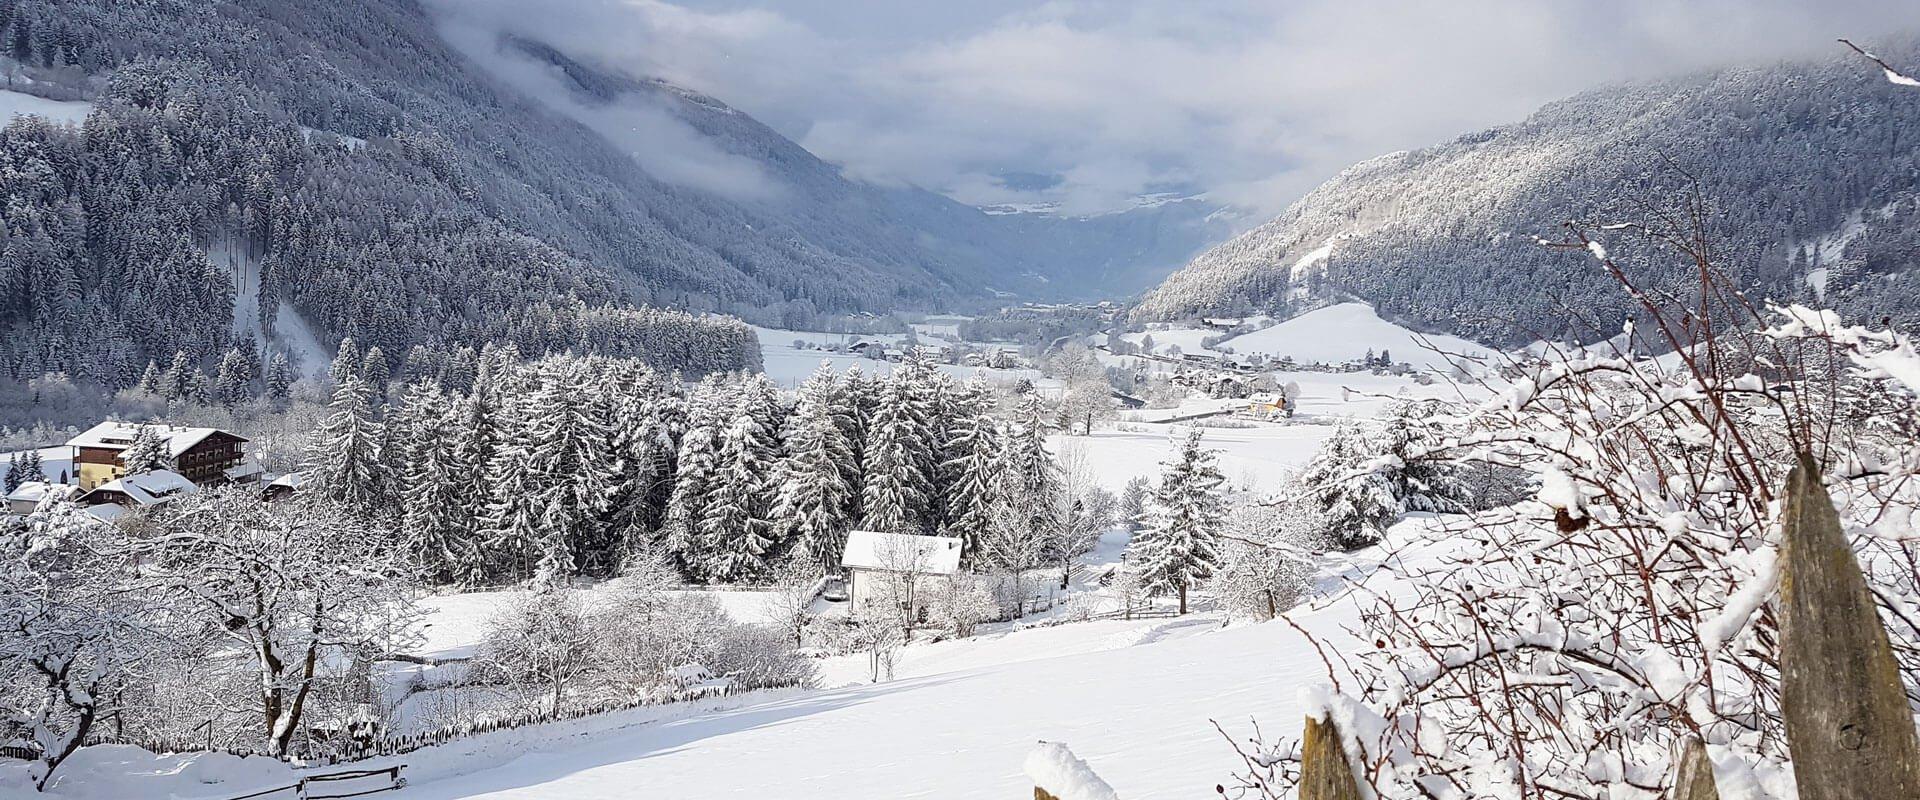 winter-auf-dem-bauernhof-suedtirol